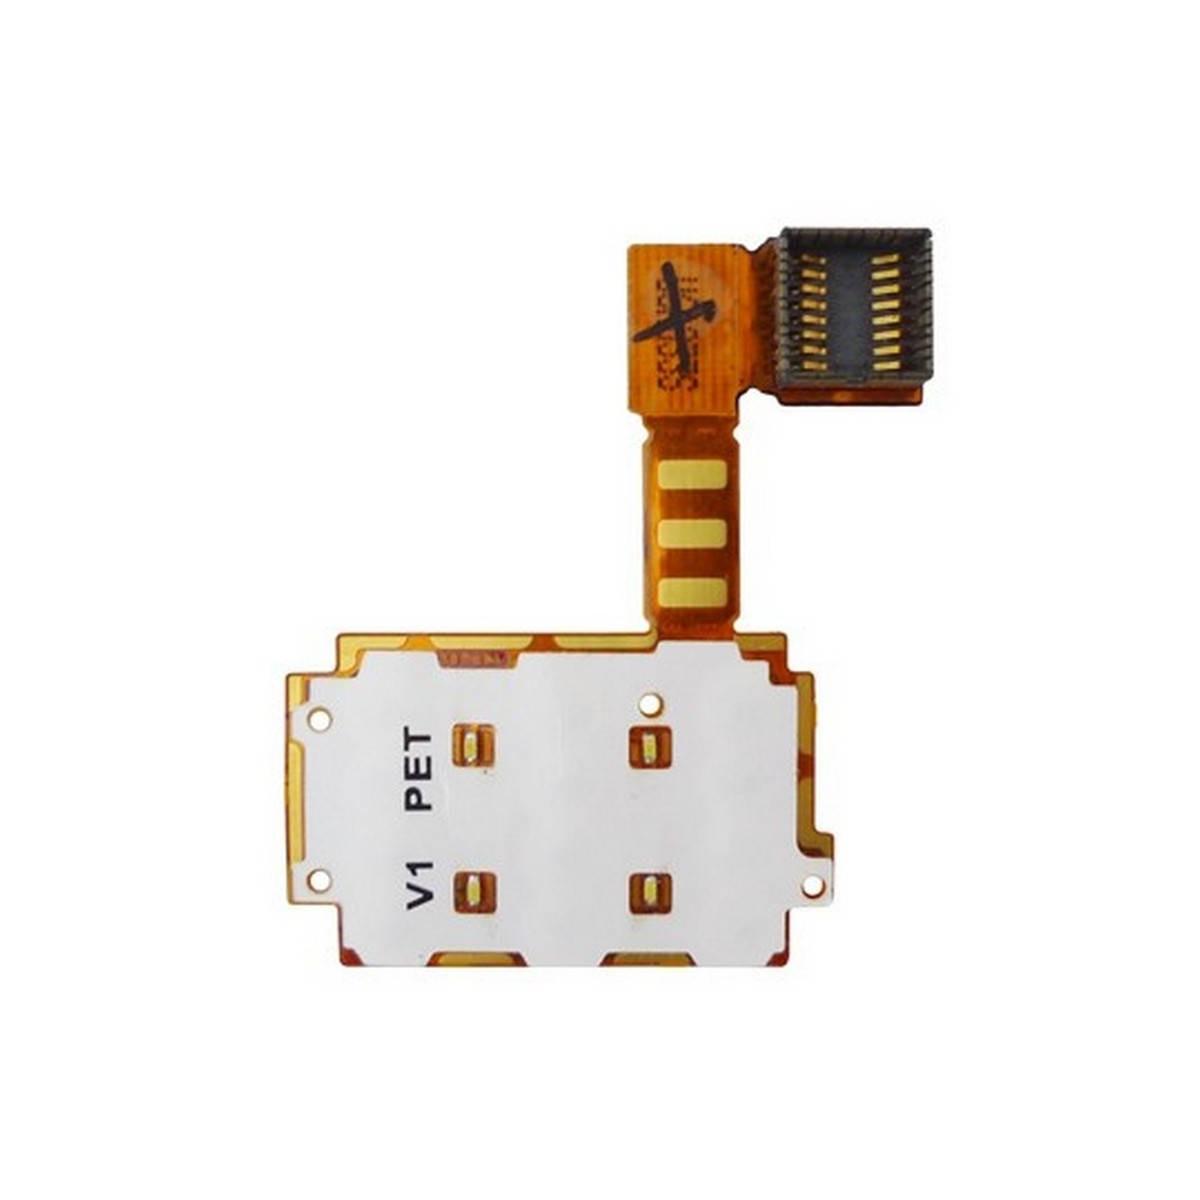 Nokia 3250 Flex com Conector de carrega e accesorios e Joistick